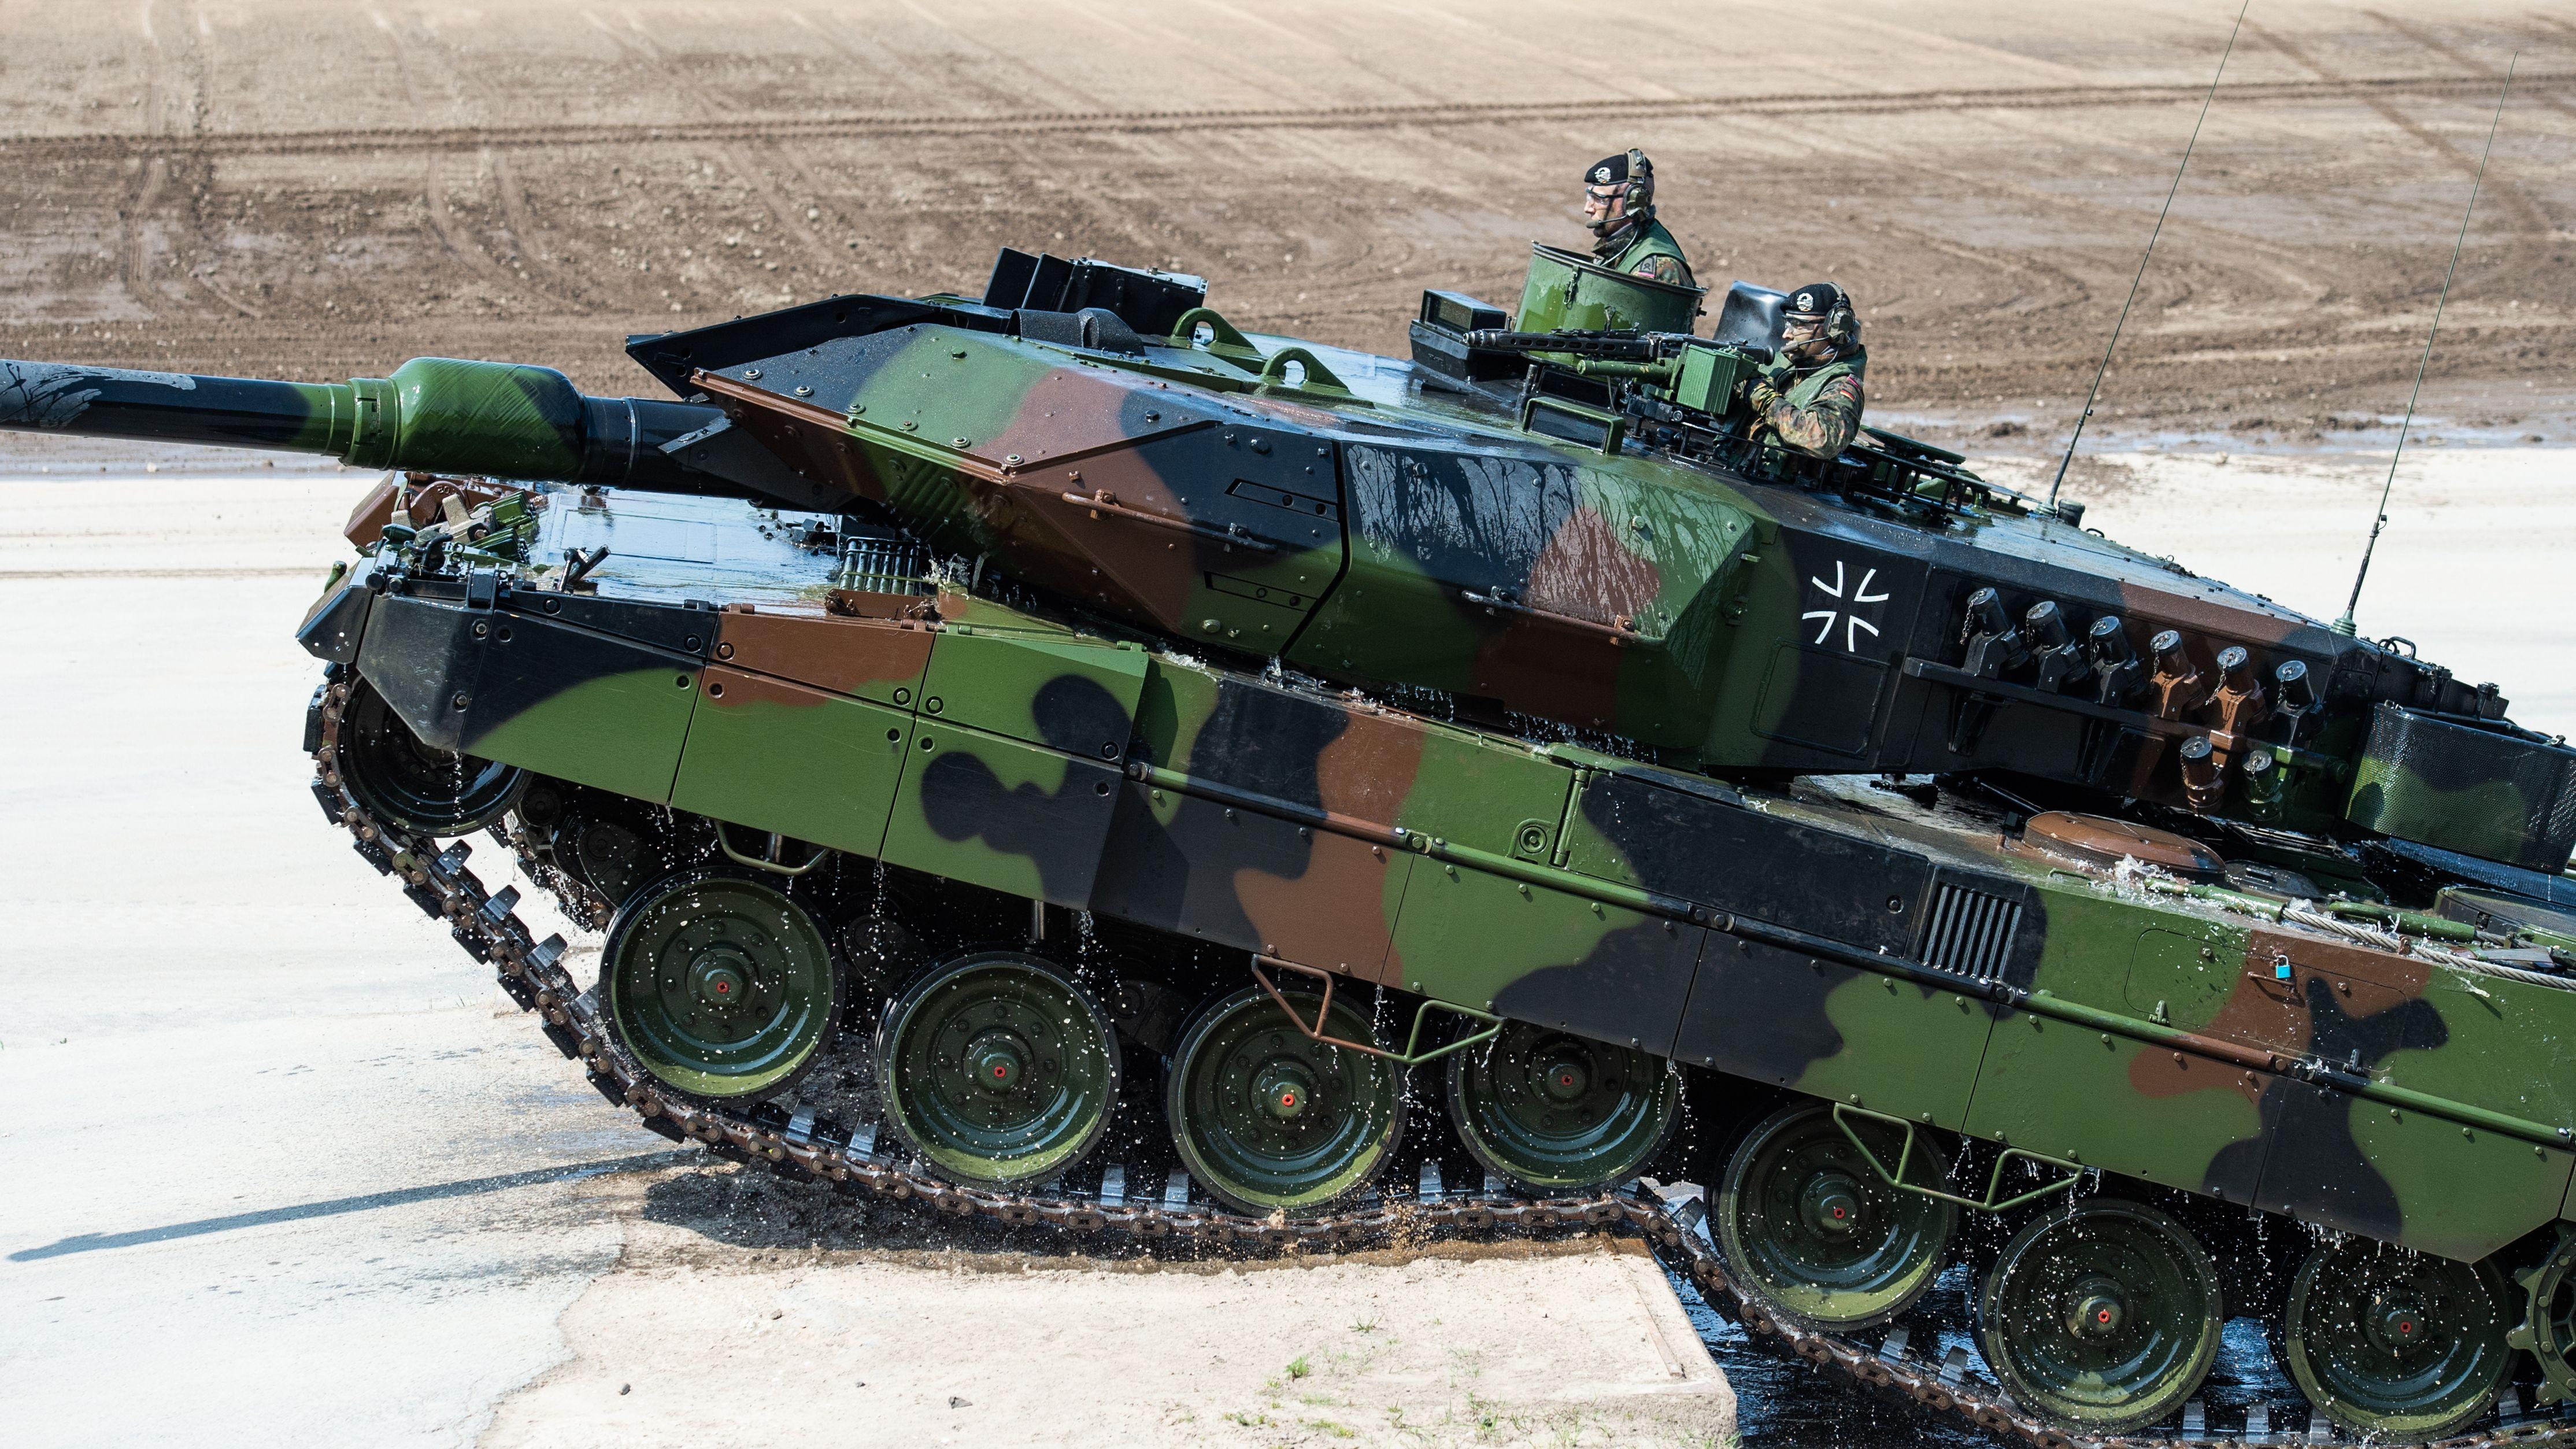 Ein Kampfpanzer Leopard 2 fährt über eine Stufe.